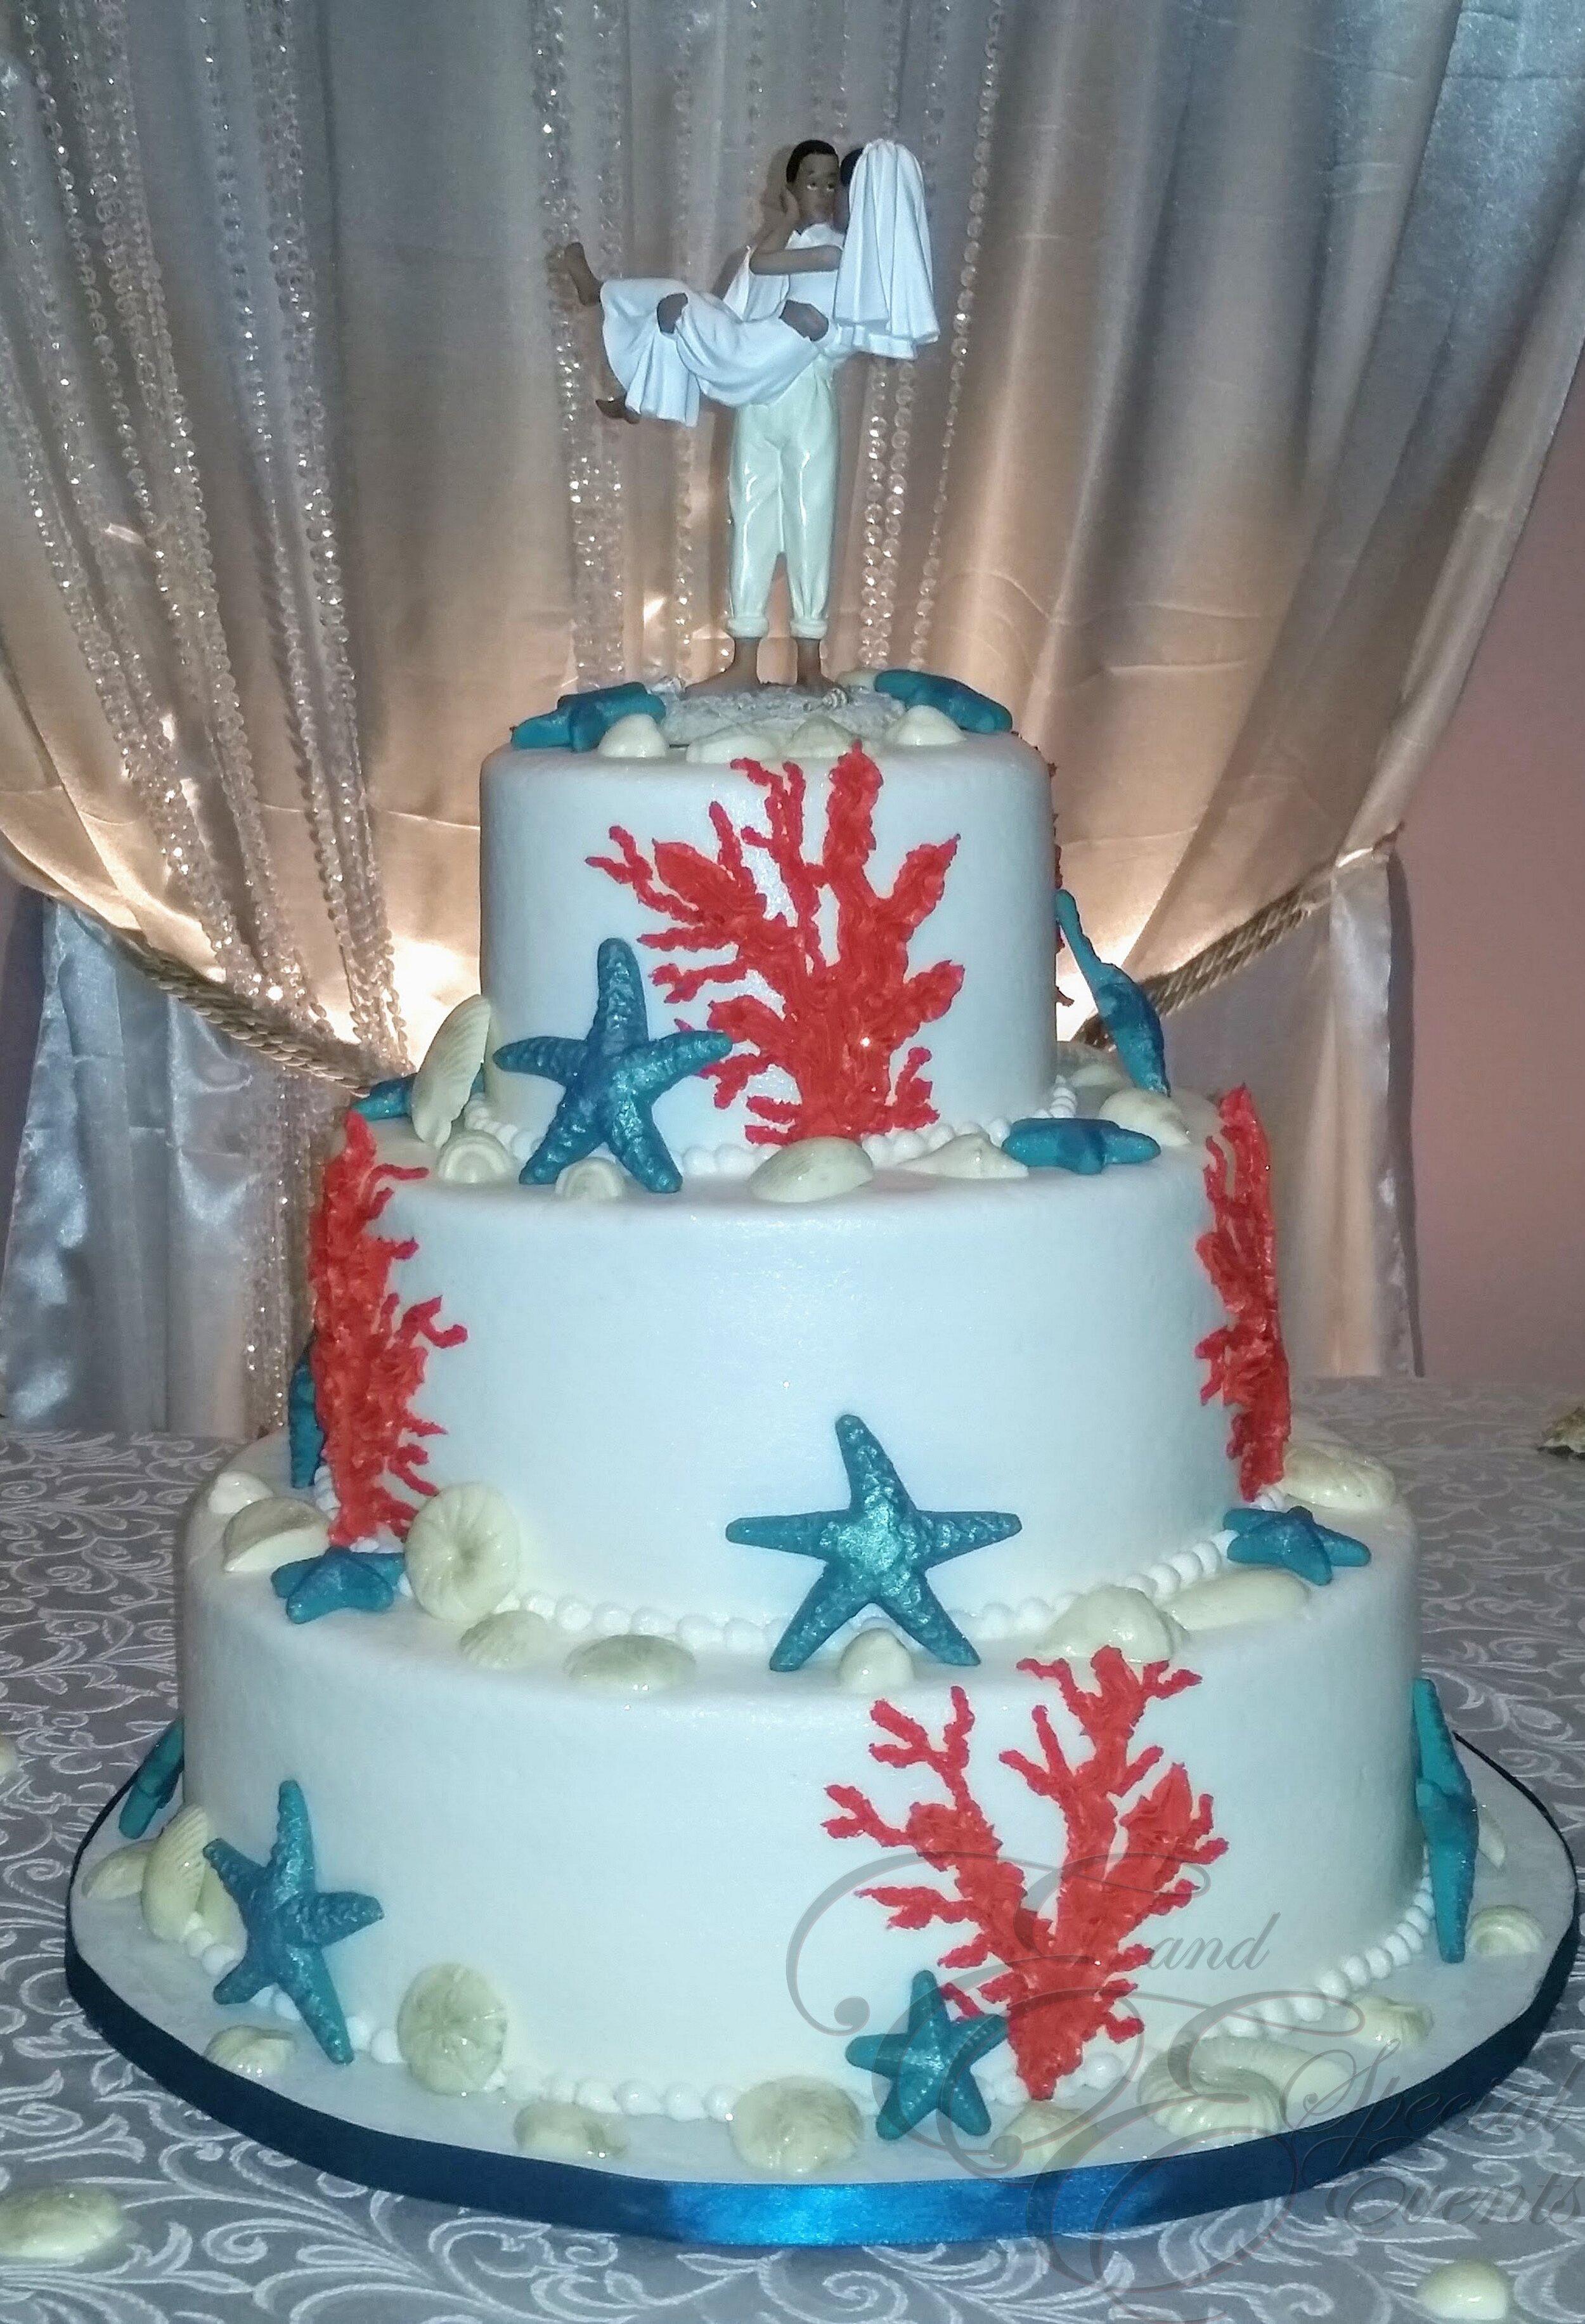 wedding_cakes_E_and_E_Special_Events_virginia_beach_38.jpg